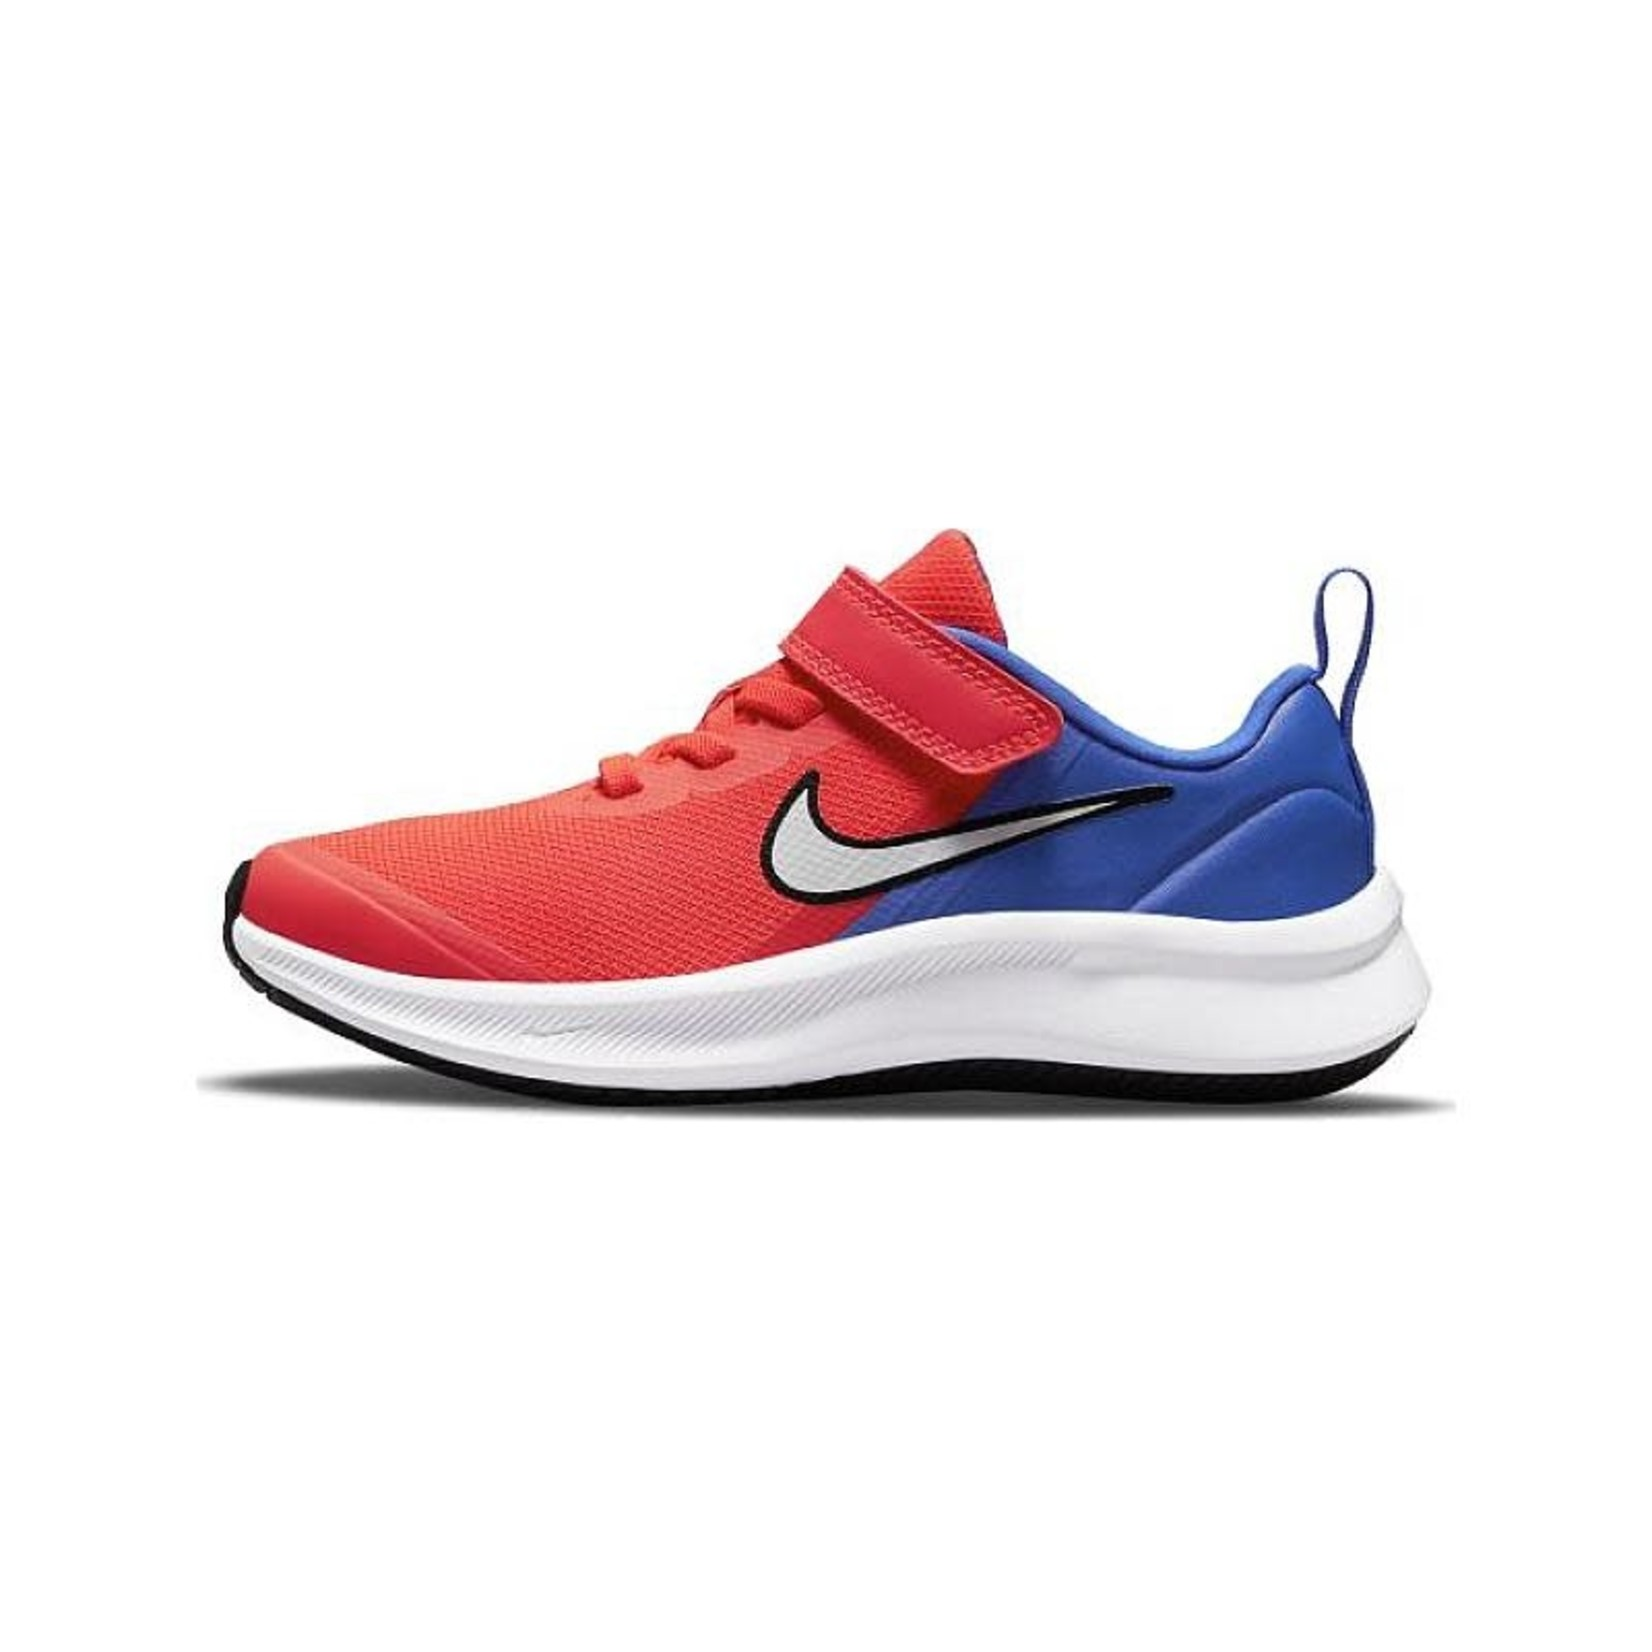 Nike Nike Running Shoes, Star Runner 3, Girls